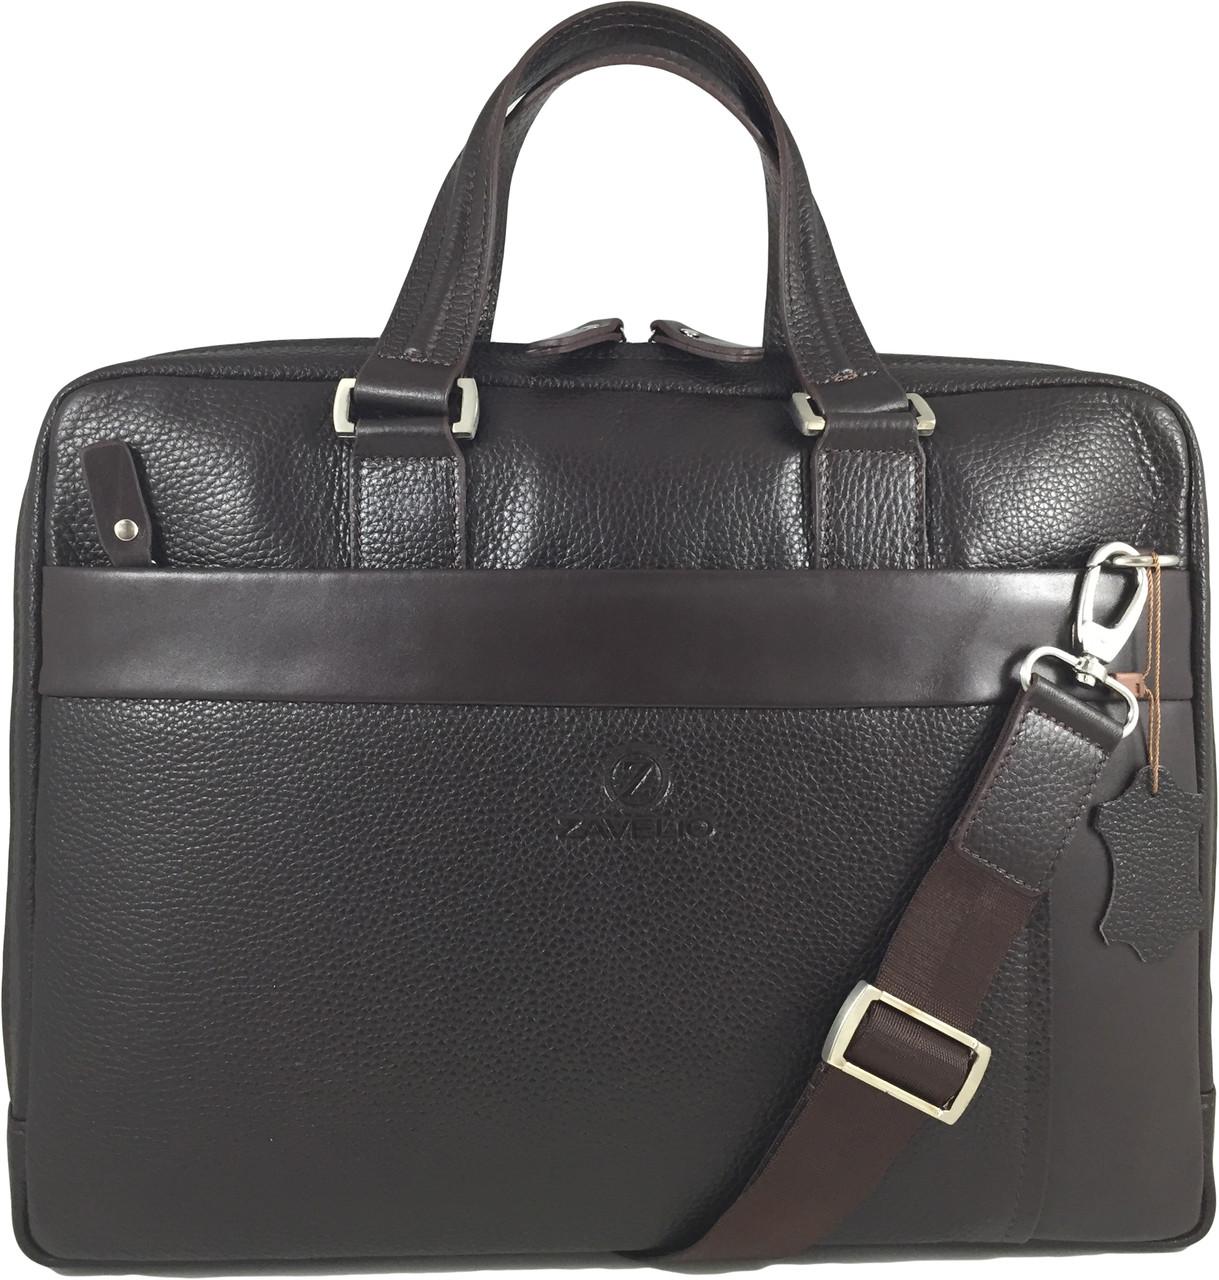 Men s Genuine Leather Briefcase Laptop Shoulder Messenger Bag - Brown.  Loading zoom 6e0db7d6d0efb